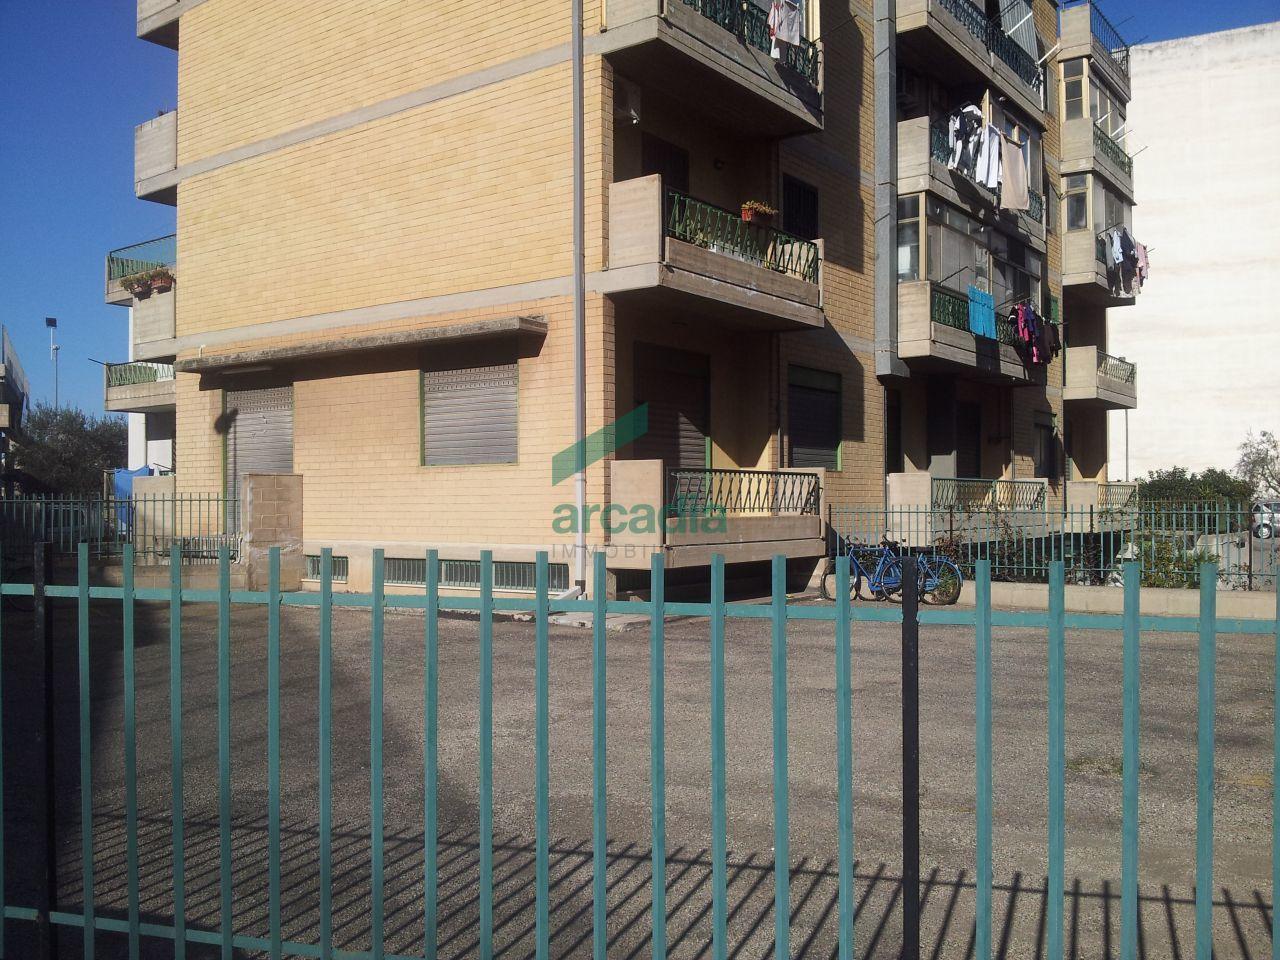 Negozio / Locale in affitto a Modugno, 1 locali, prezzo € 1.300 | CambioCasa.it